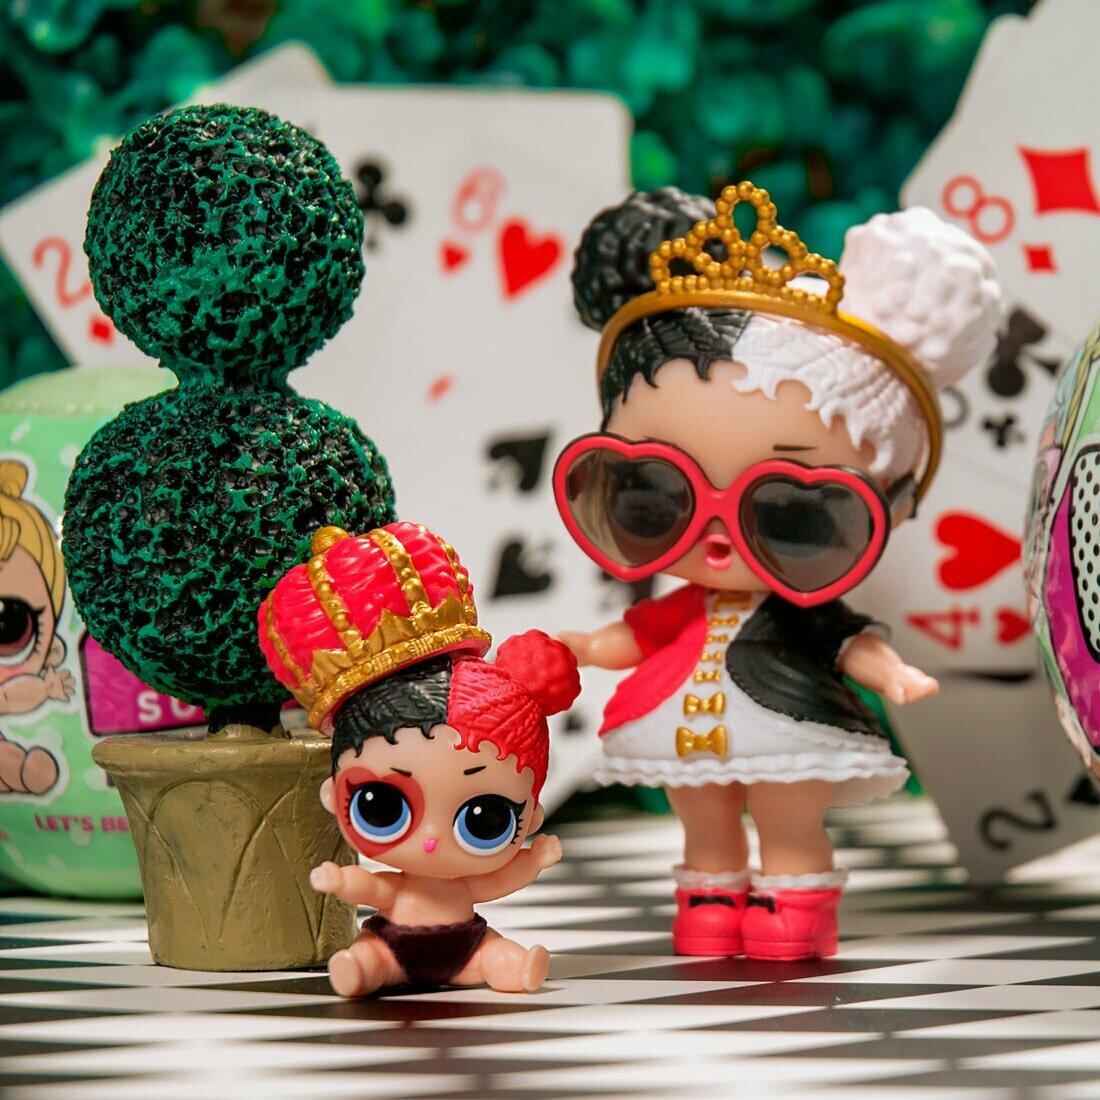 картинки самых популярных кукол лол многих